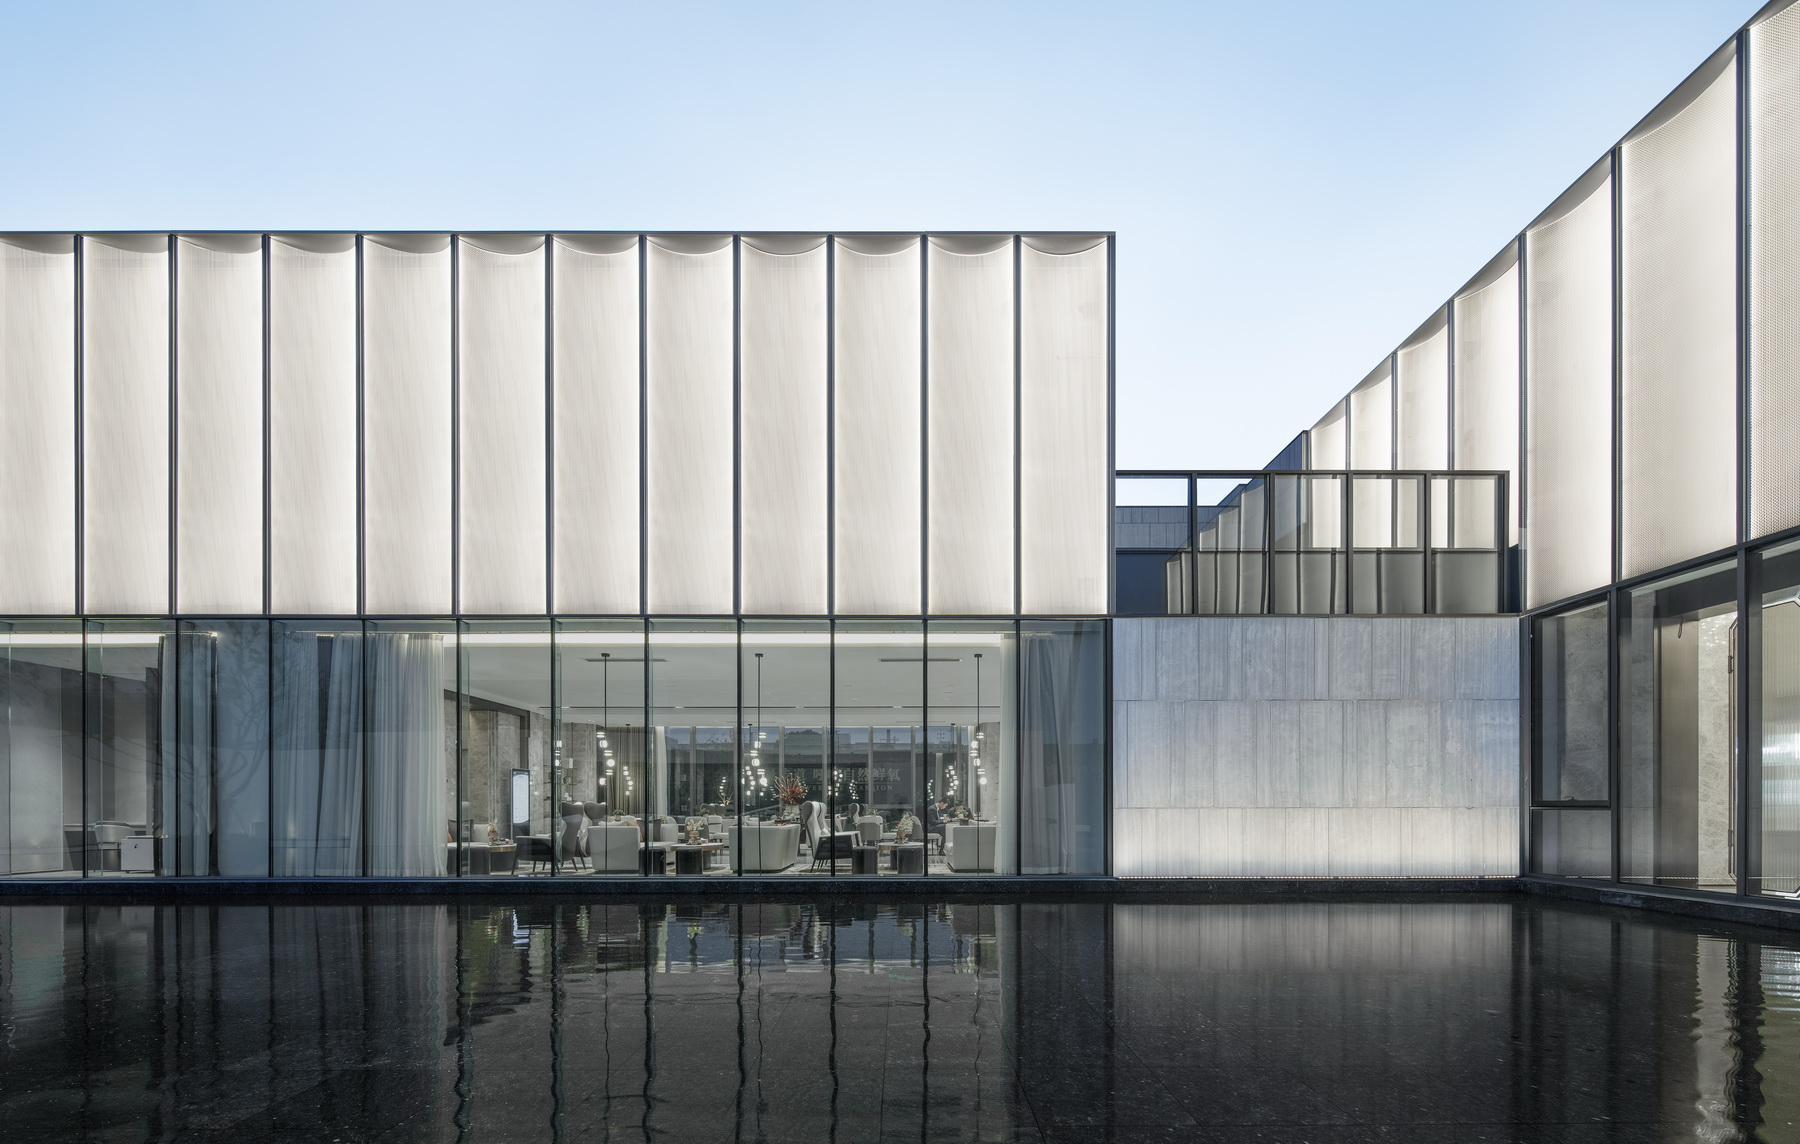 昆山 奥园誉景澜庭售楼处 建筑设计 / 上海天华设计